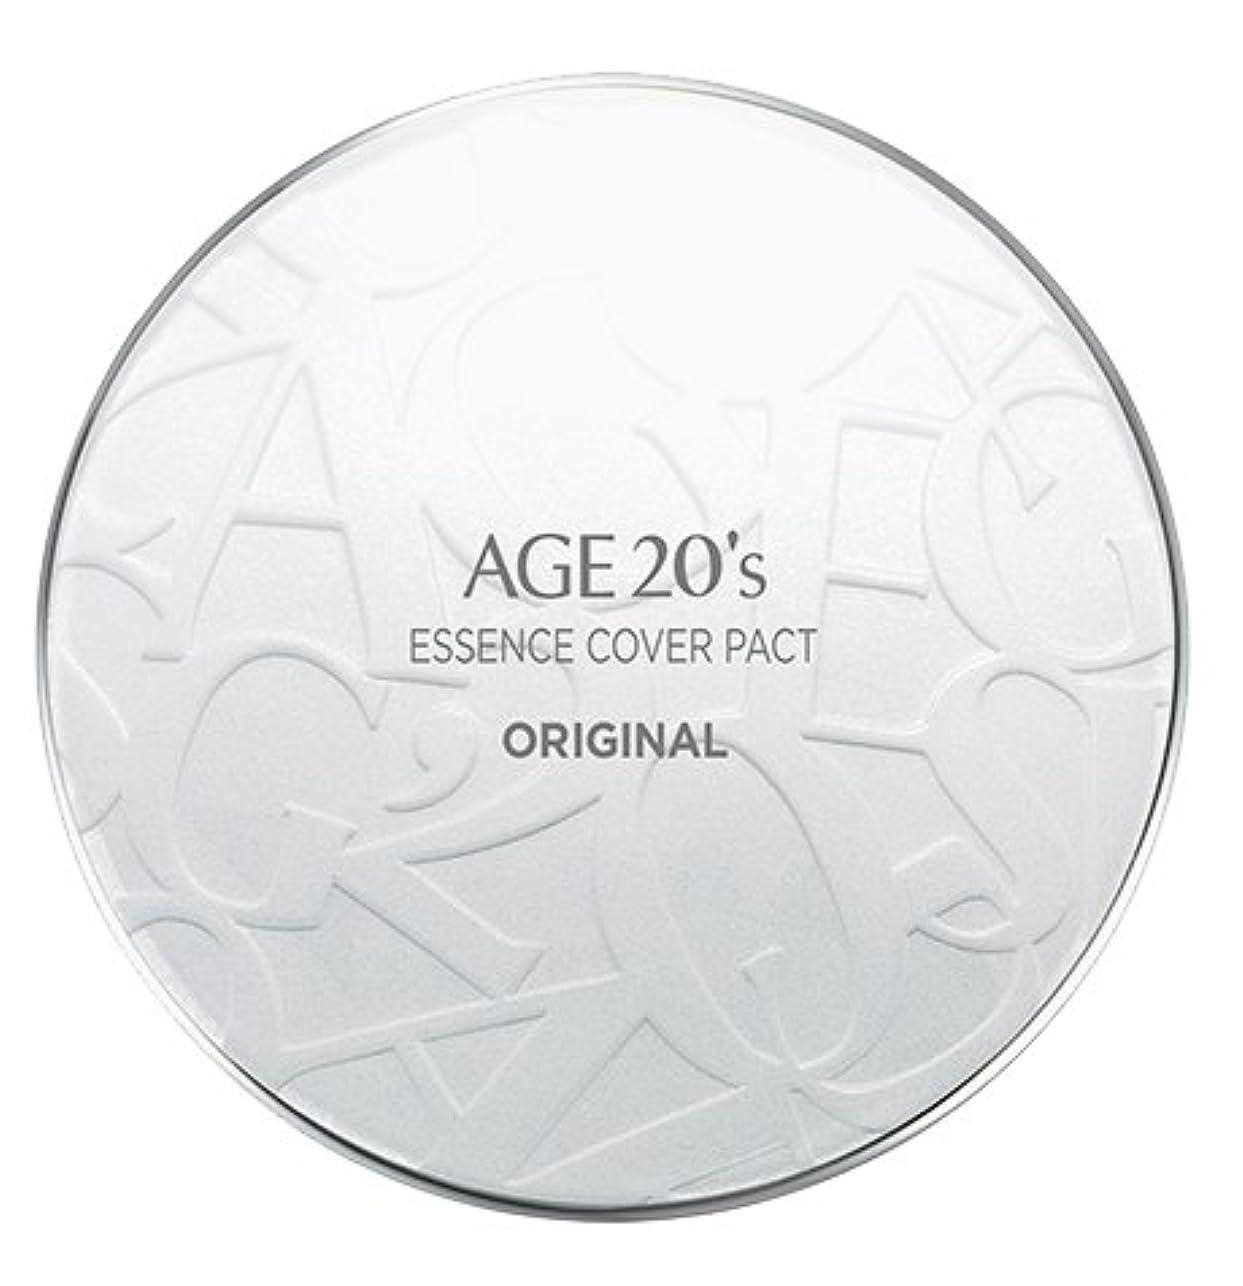 気分が良いメール入るAGE 20's Essence Cover Pact Original [White Latte] 12.5g + Refill 12.5g (#21)/エイジ 20's エッセンス カバー パクト オリジナル [ホワイトラテ] 12.5g + リフィル 12.5g (#21) [並行輸入品]